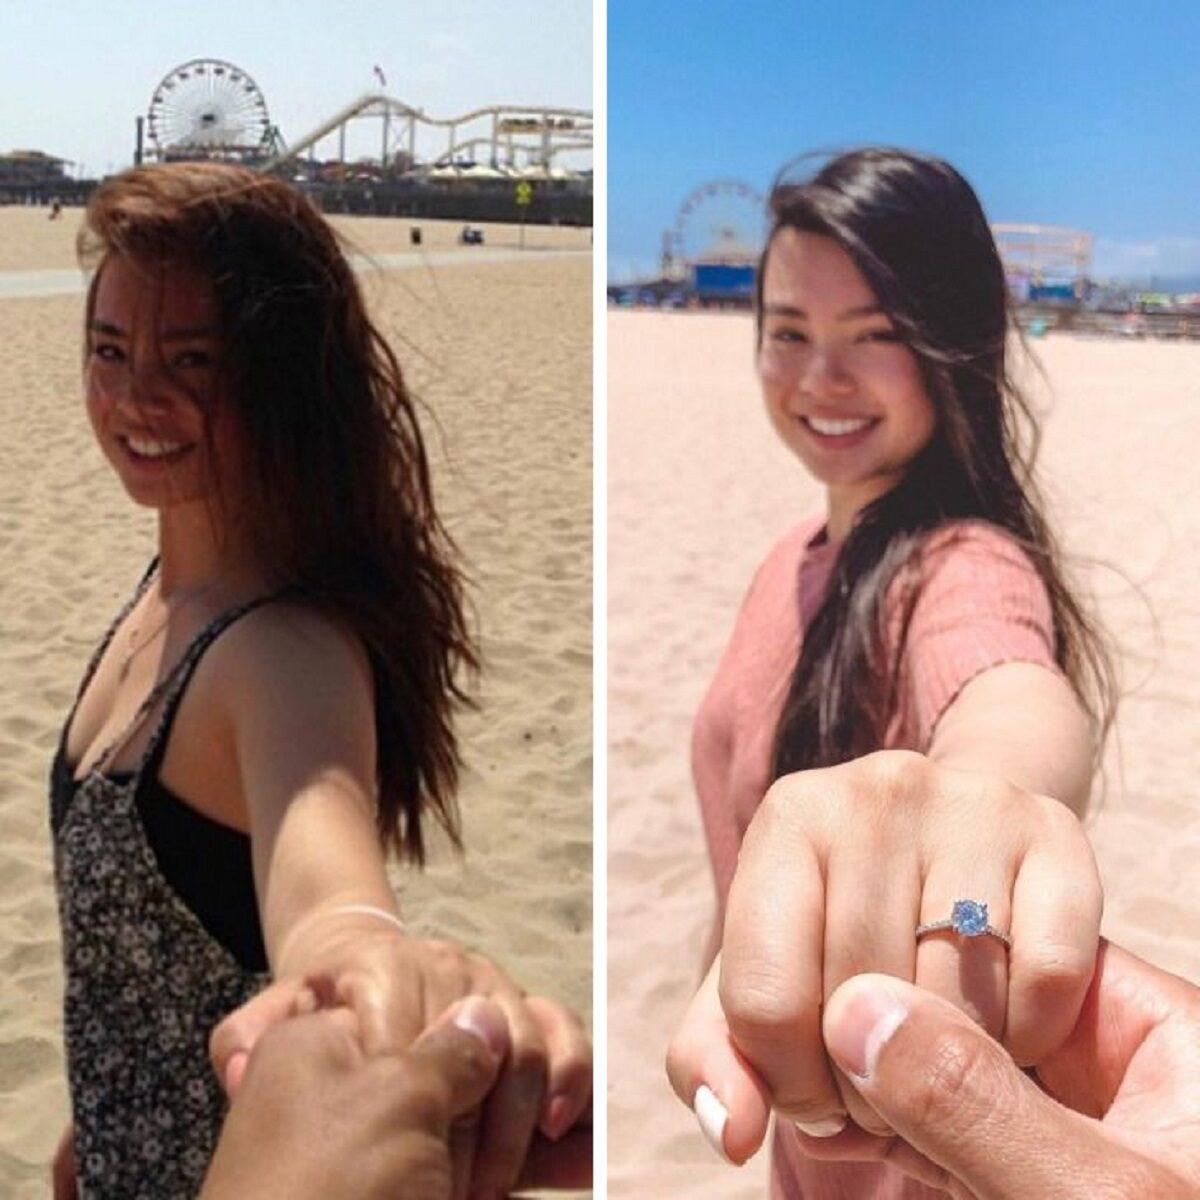 Imagens de antes e depois que mostram que nao devemos temer a passagem do tempo 6